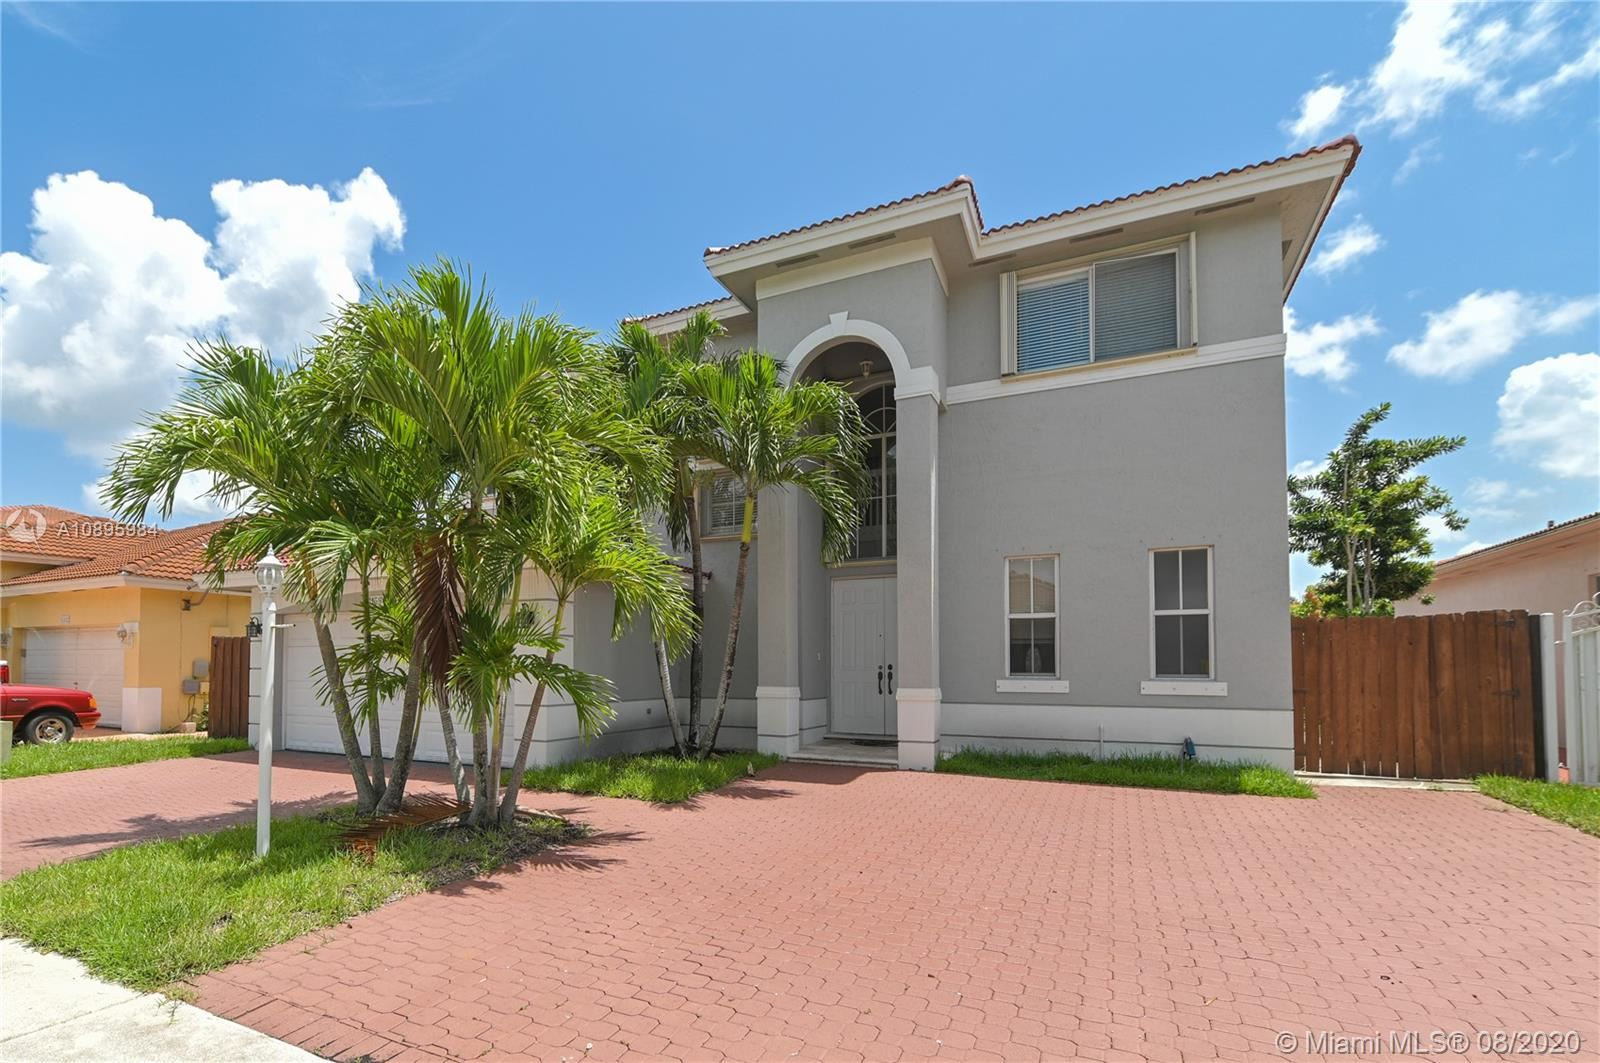 15942 SW 63rd Ter, Miami, FL 33193 - #: A10895984